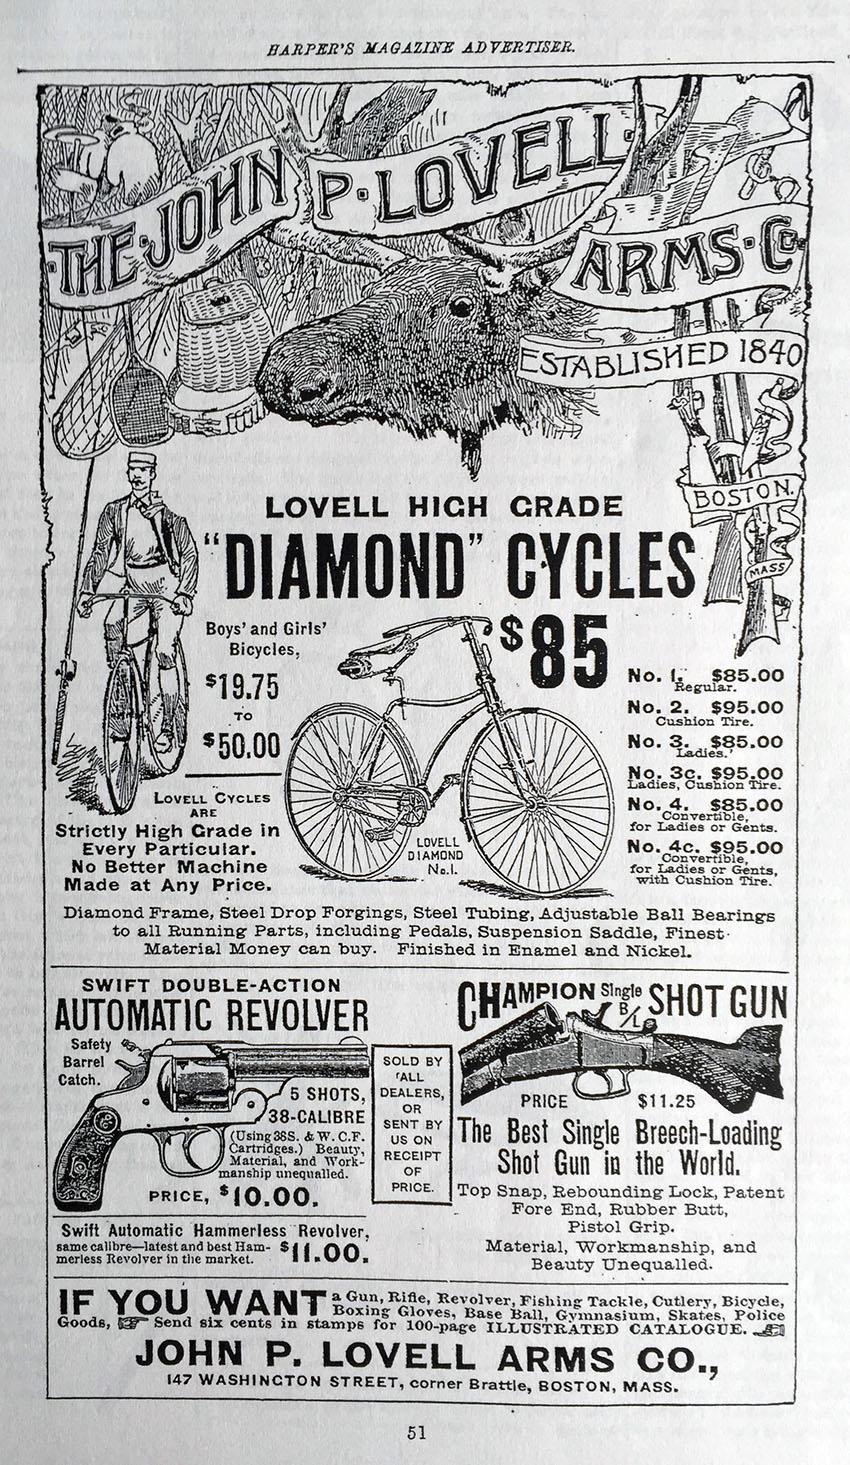 1891 Lovell Diamond 20